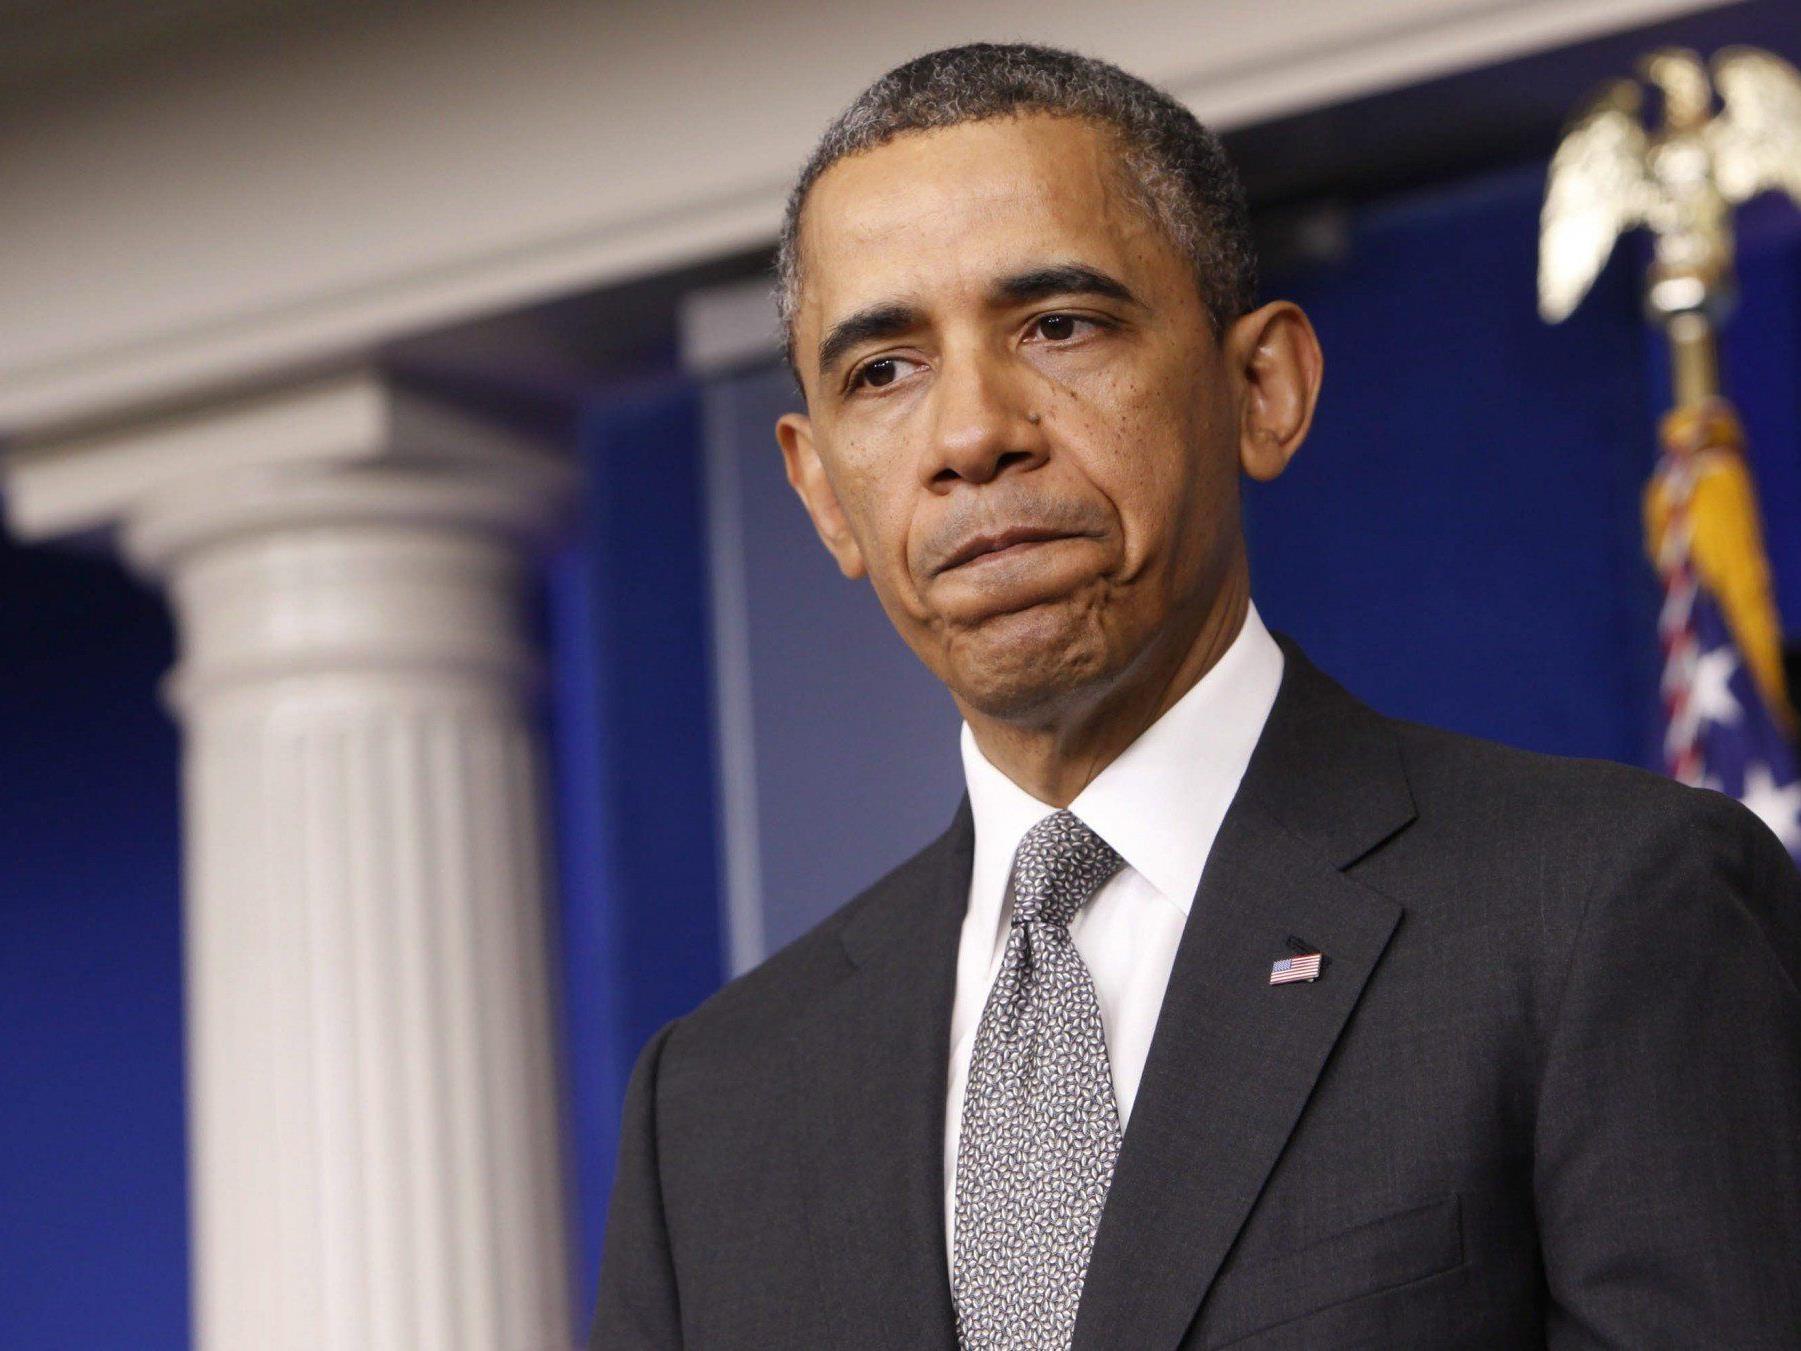 Schreiben an US-Präsidenten erreichte Weißes Haus nicht.